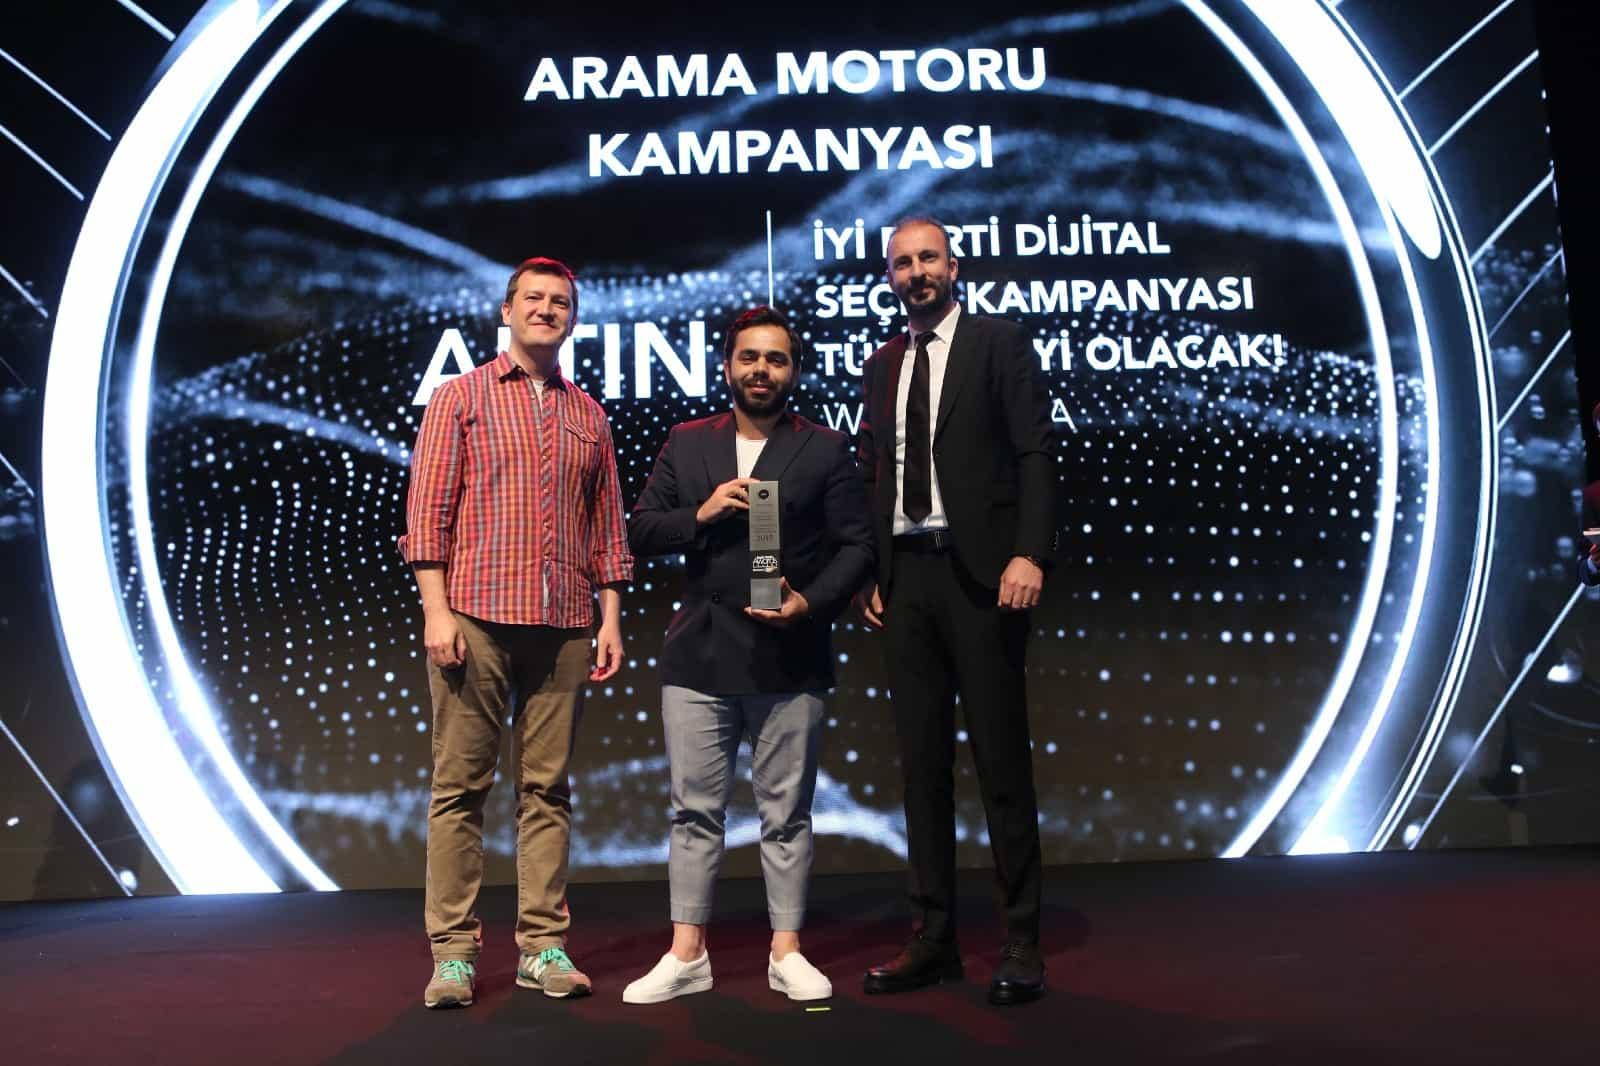 Social Media Awards Jüri Altın Ödülü